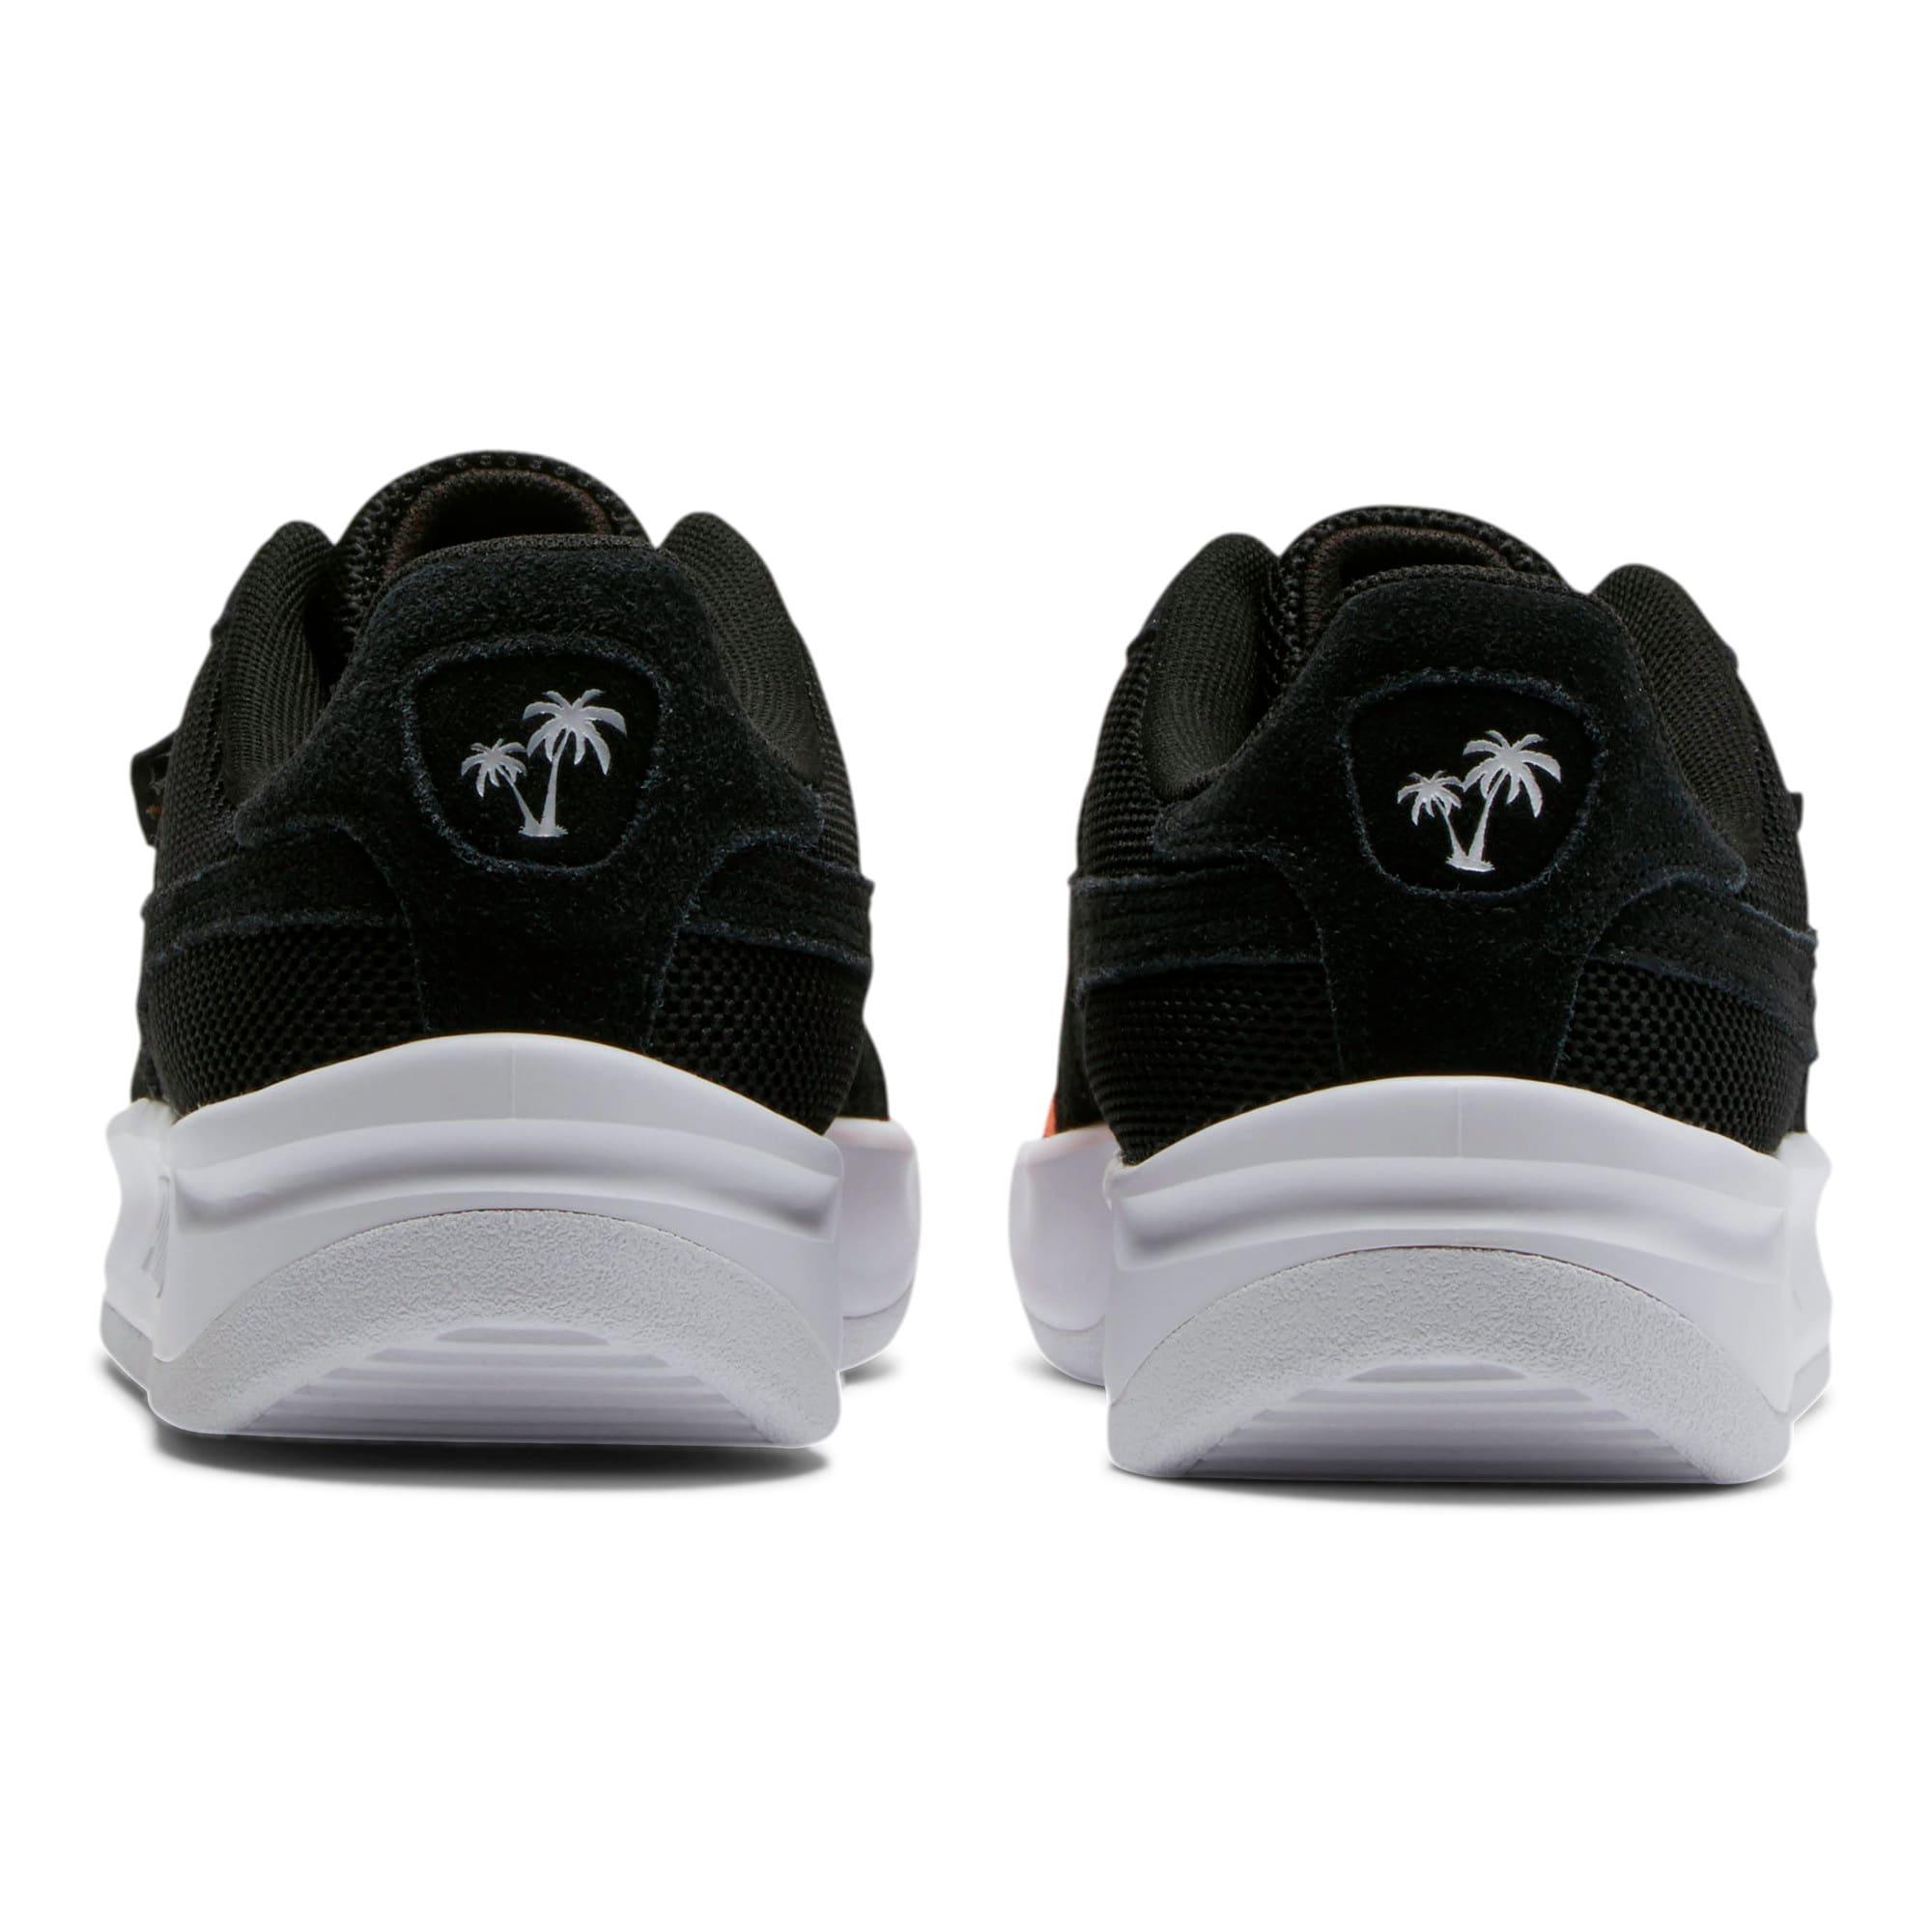 Miniatura 3 de Zapatos deportivos California Summer, Nasturtium-Puma Blk-Puma Wht, mediano